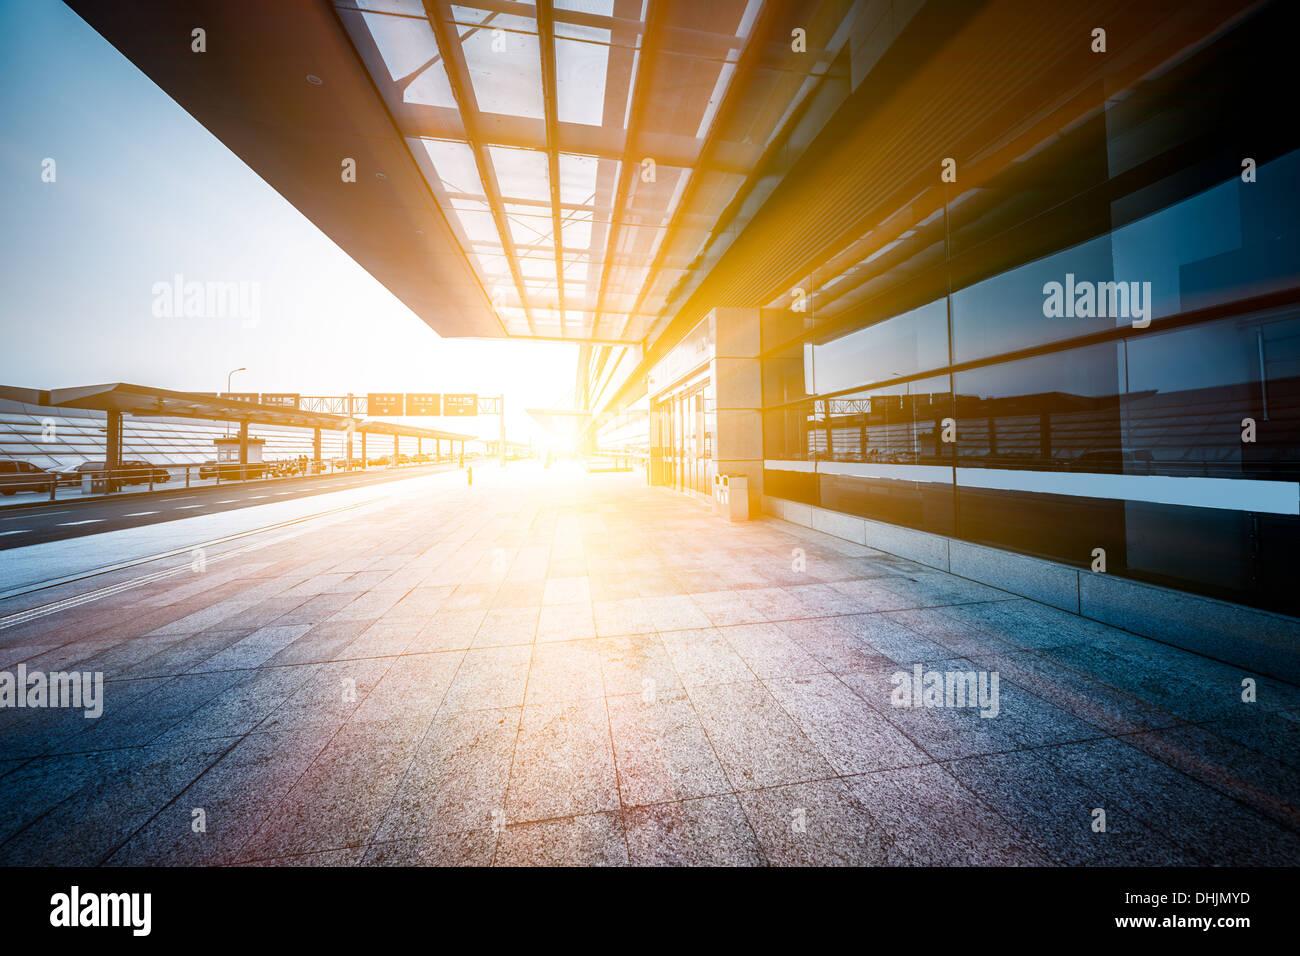 Aeropuerto de entrada vacío Imagen De Stock